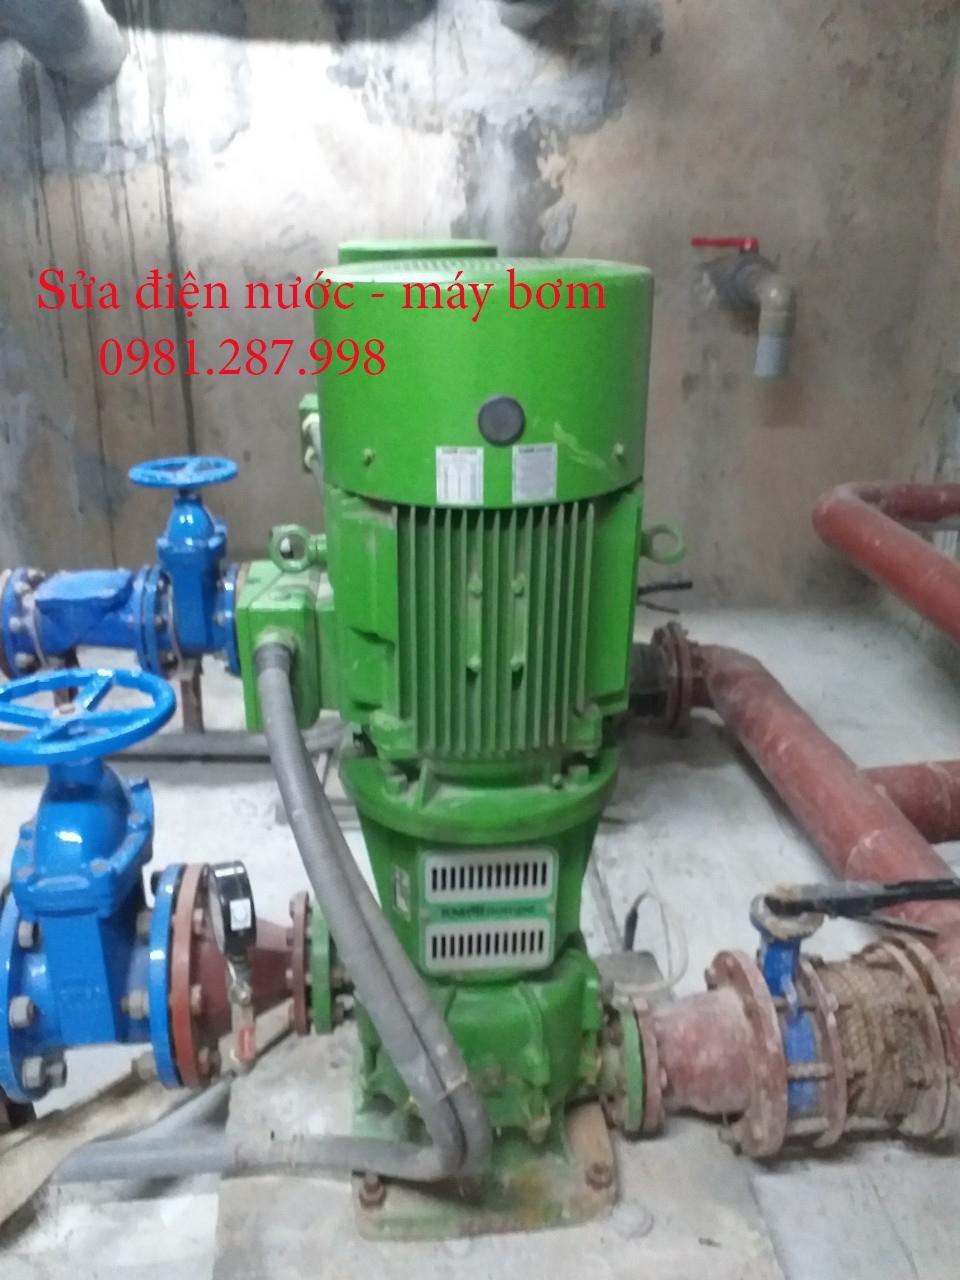 Sửa máy bơm - Sửa điện - sửa ống nước